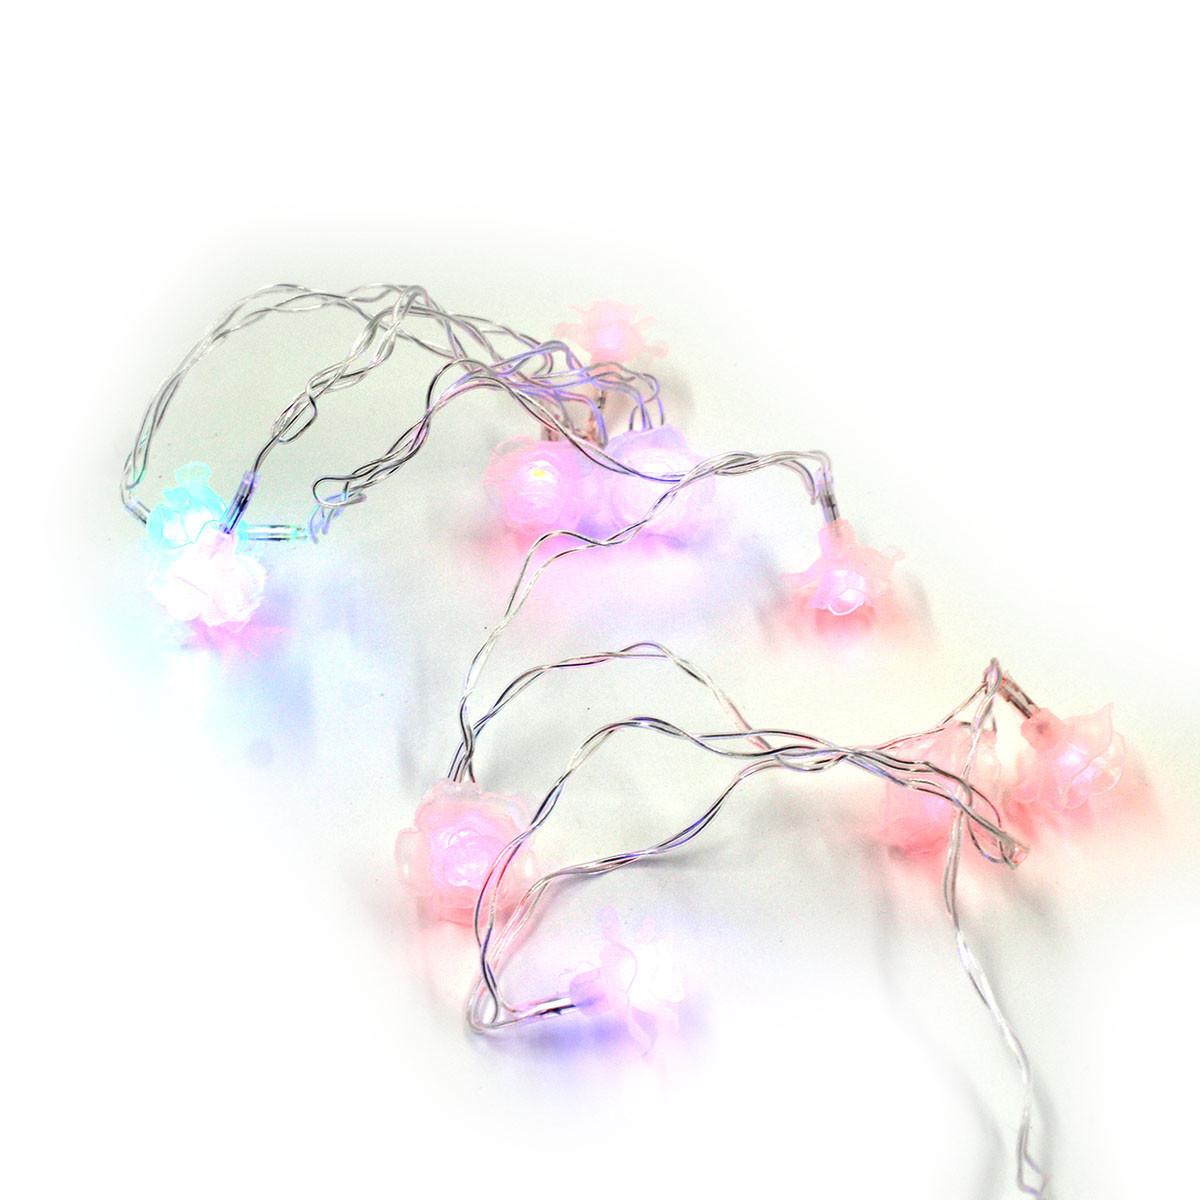 Xmas гірлянда LED 20 Parts-6 квіточка трояндочка(ПРОДАЄТЬСЯ ТІЛЬКИ ЯЩИКОМ!!!)